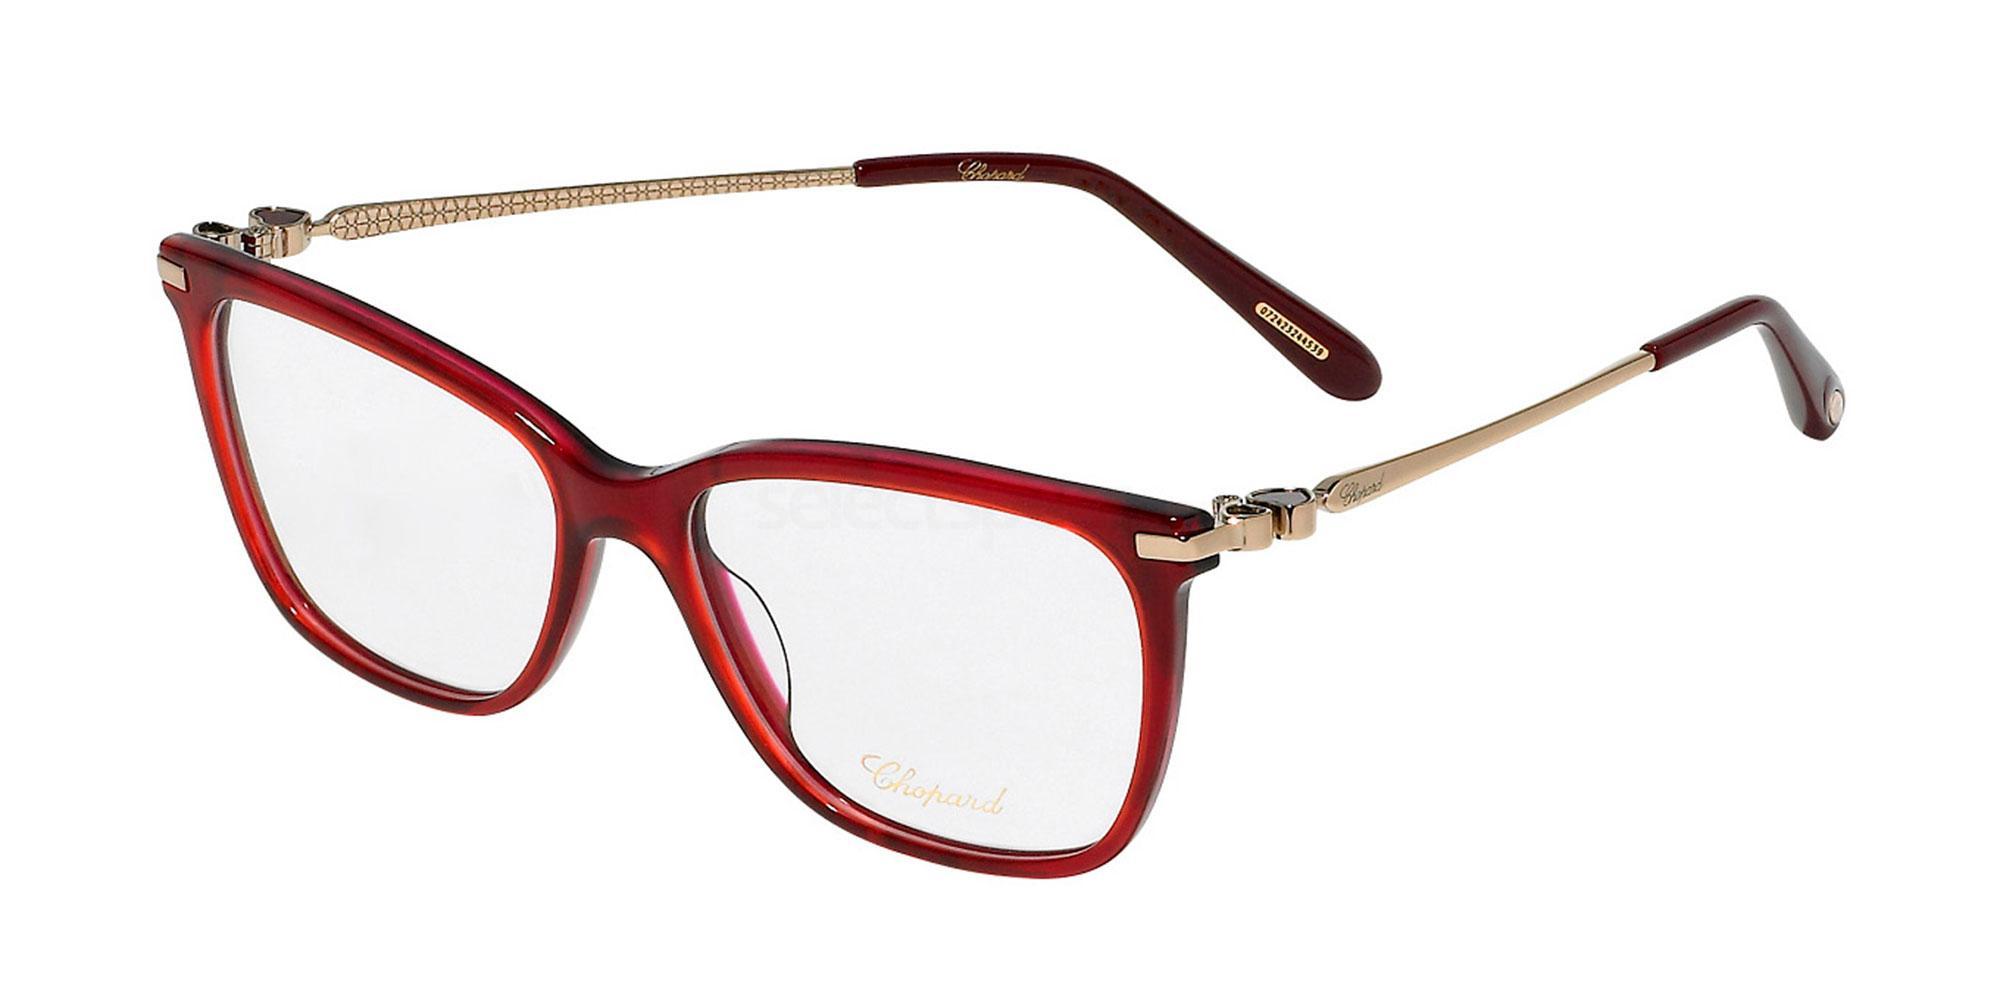 01BU VCH266S Glasses, Chopard